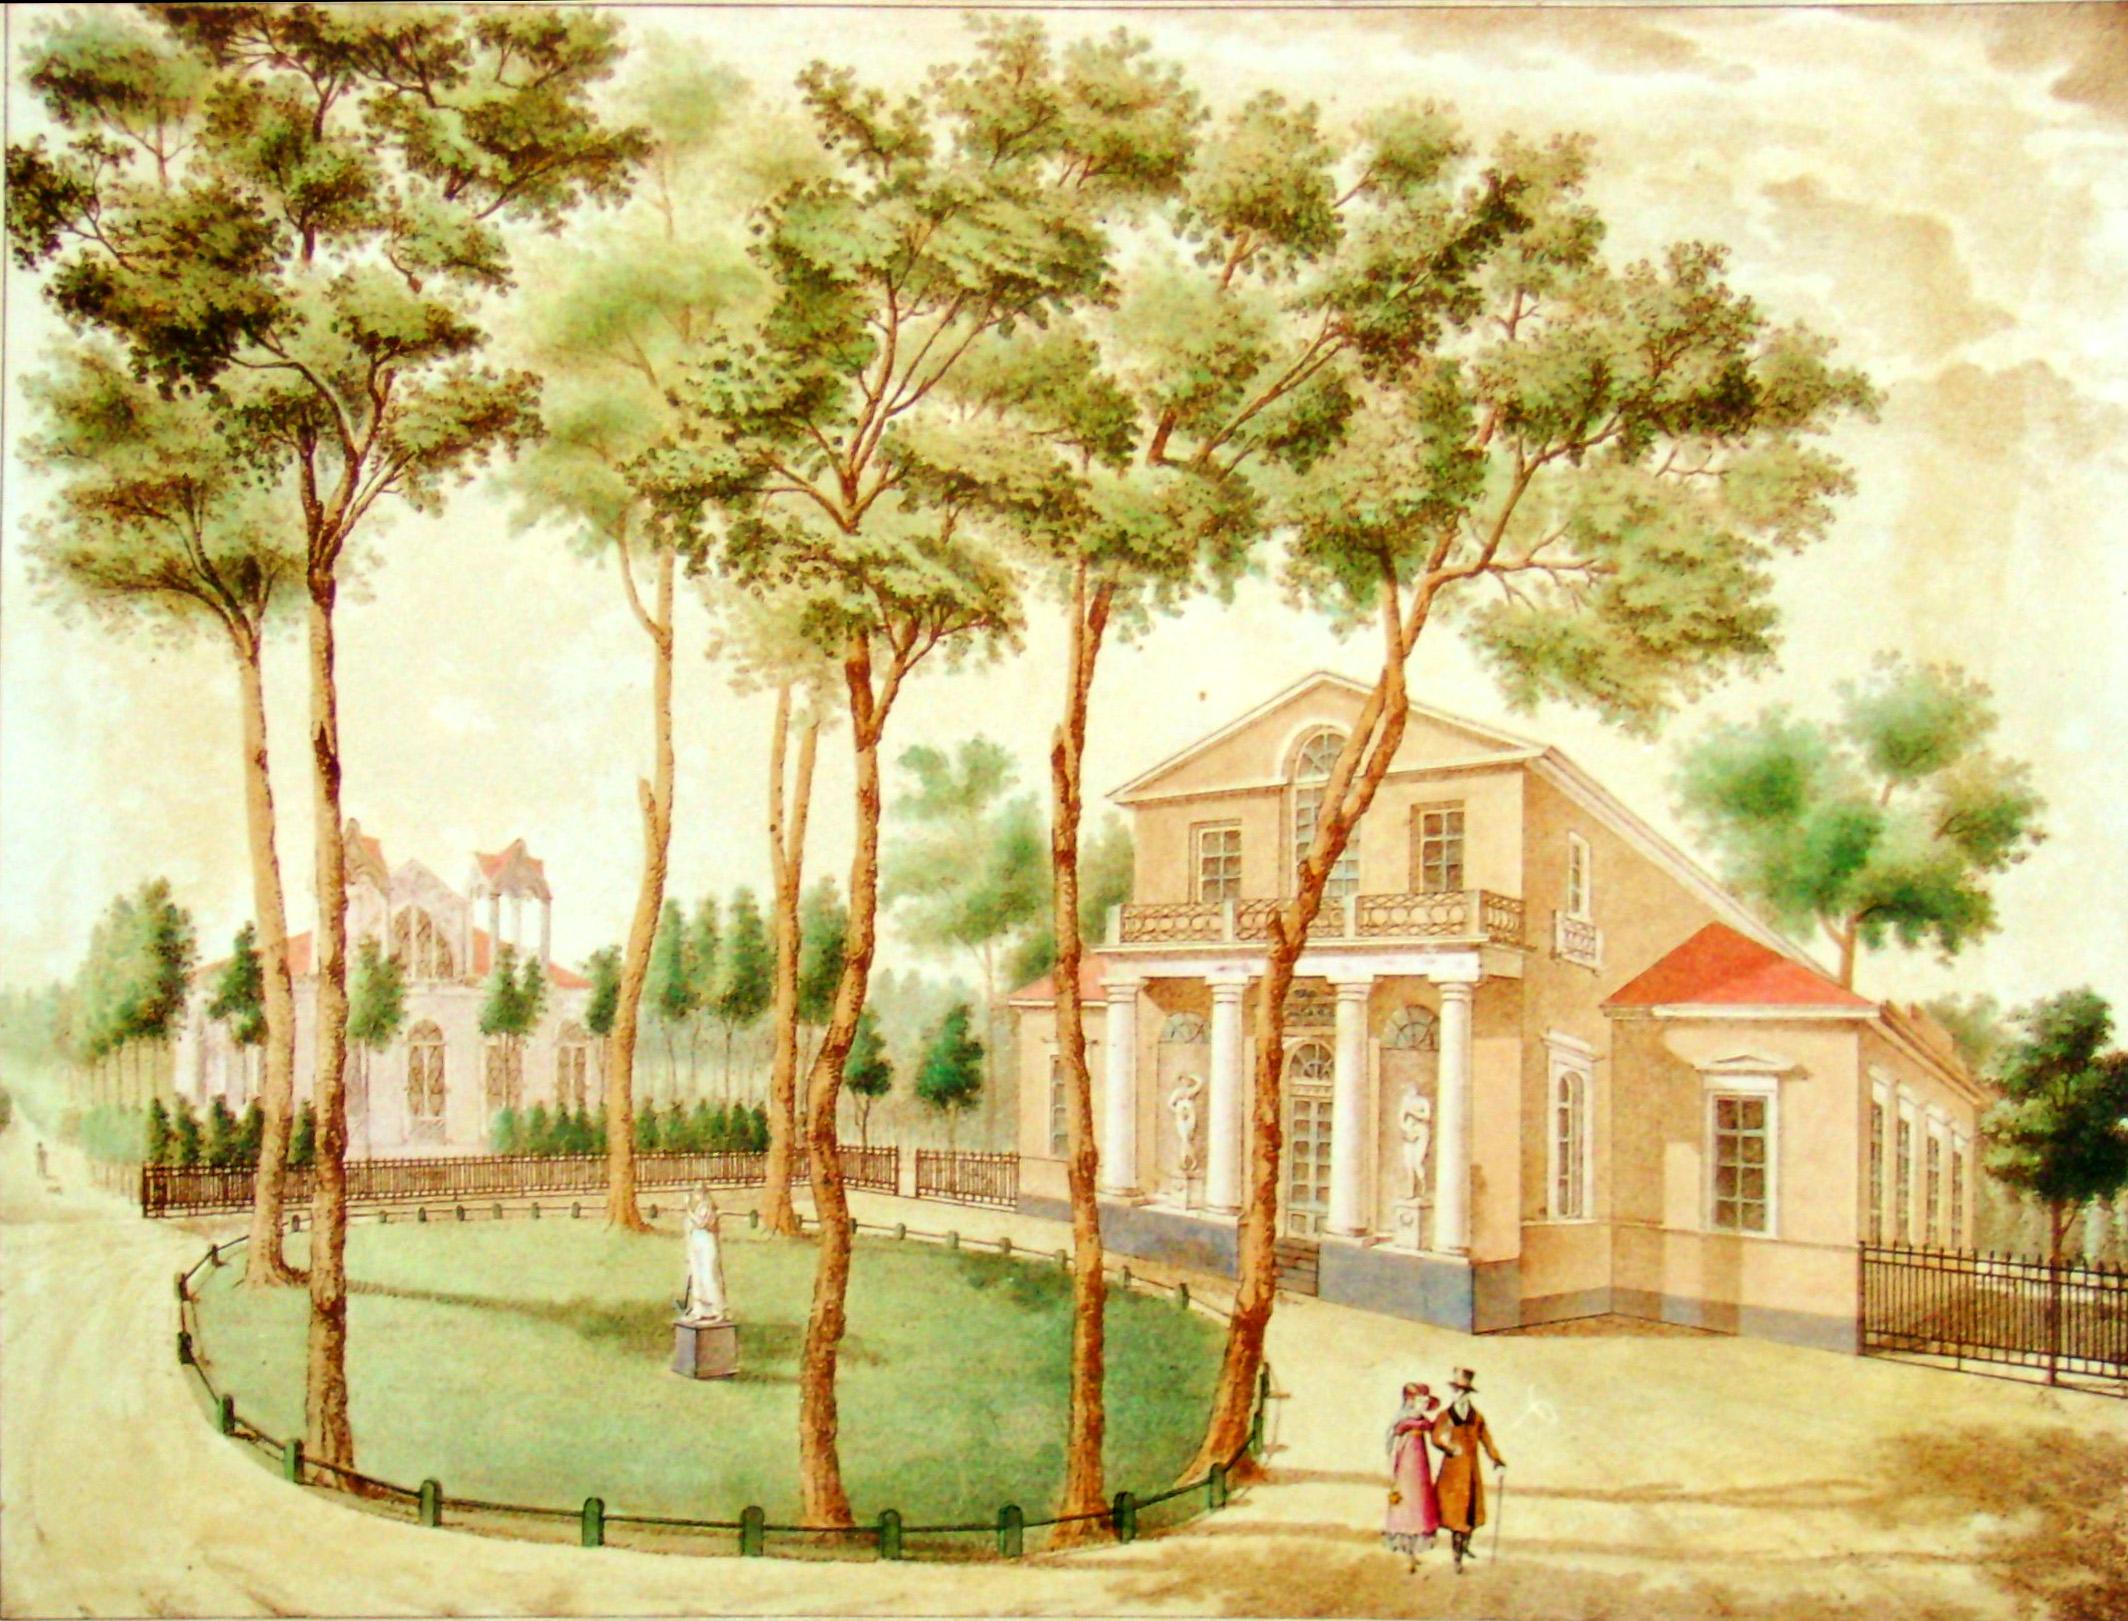 17. Вид деревянного дома в саду. Рисовал на камне Архитектор И. Семенов в 1823.